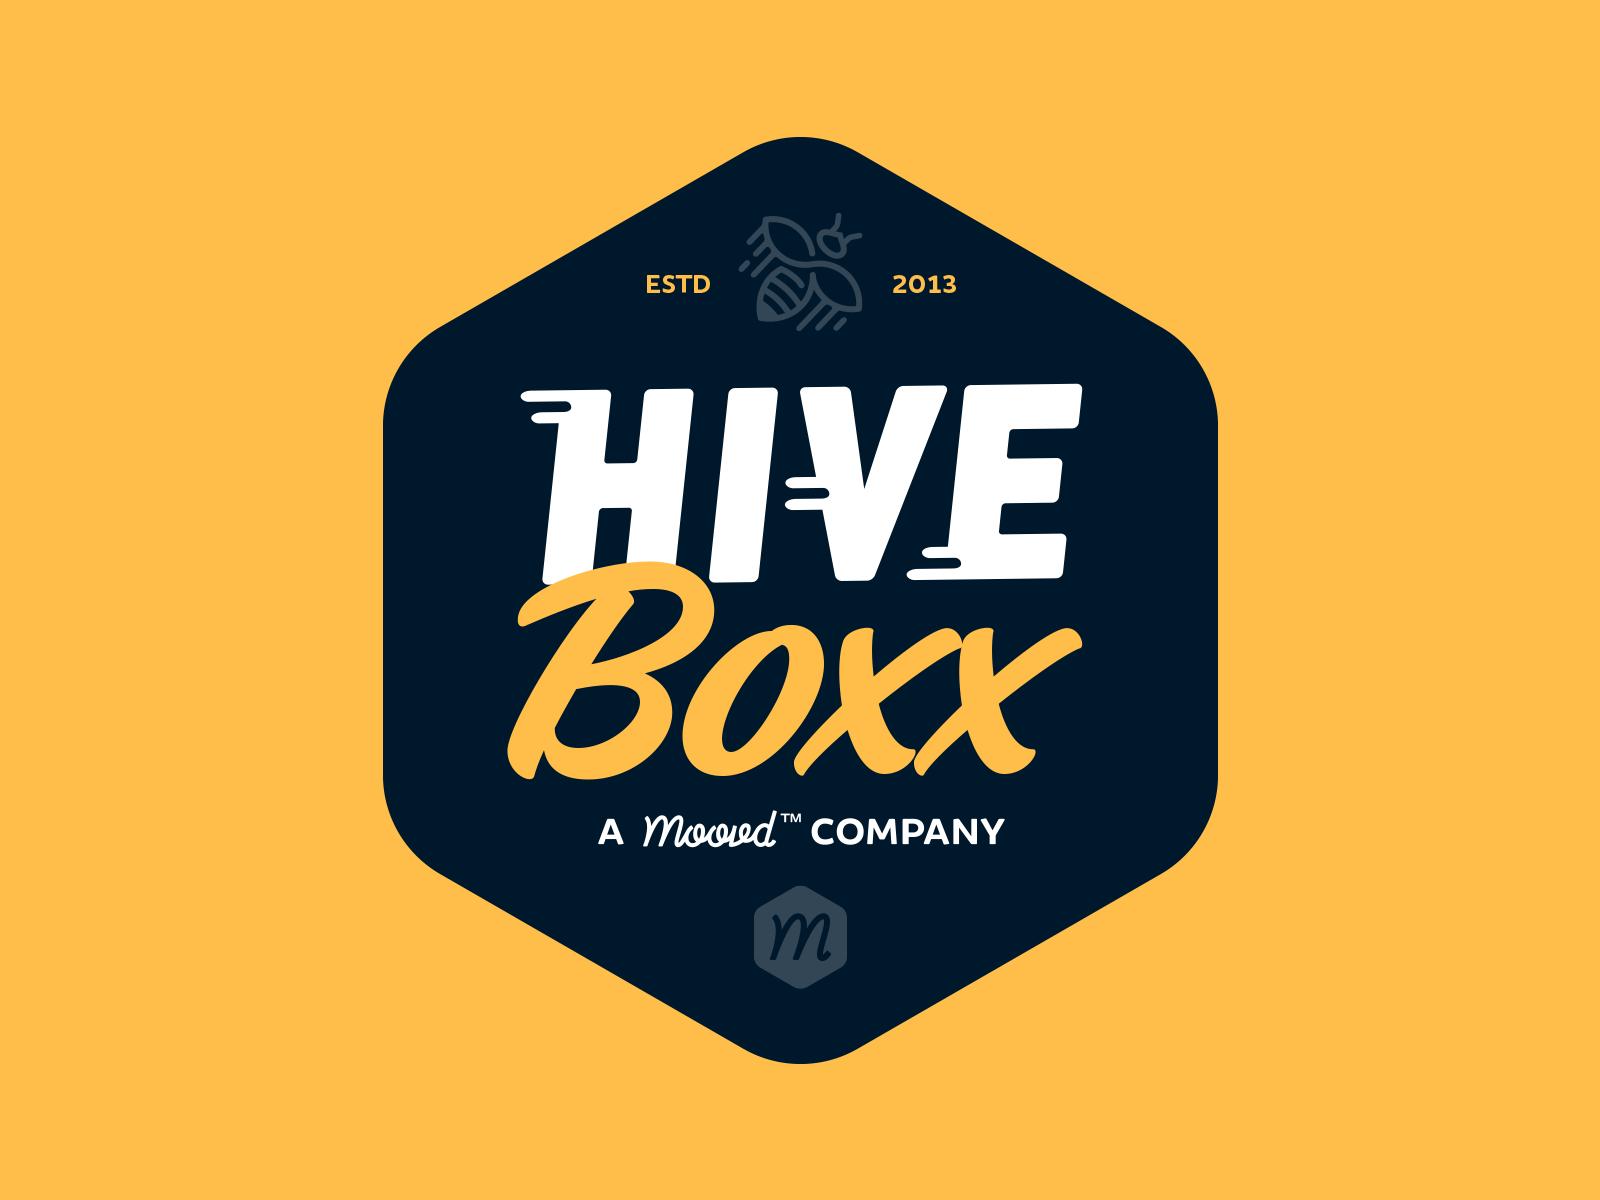 rockyroark_hiveboxx_05